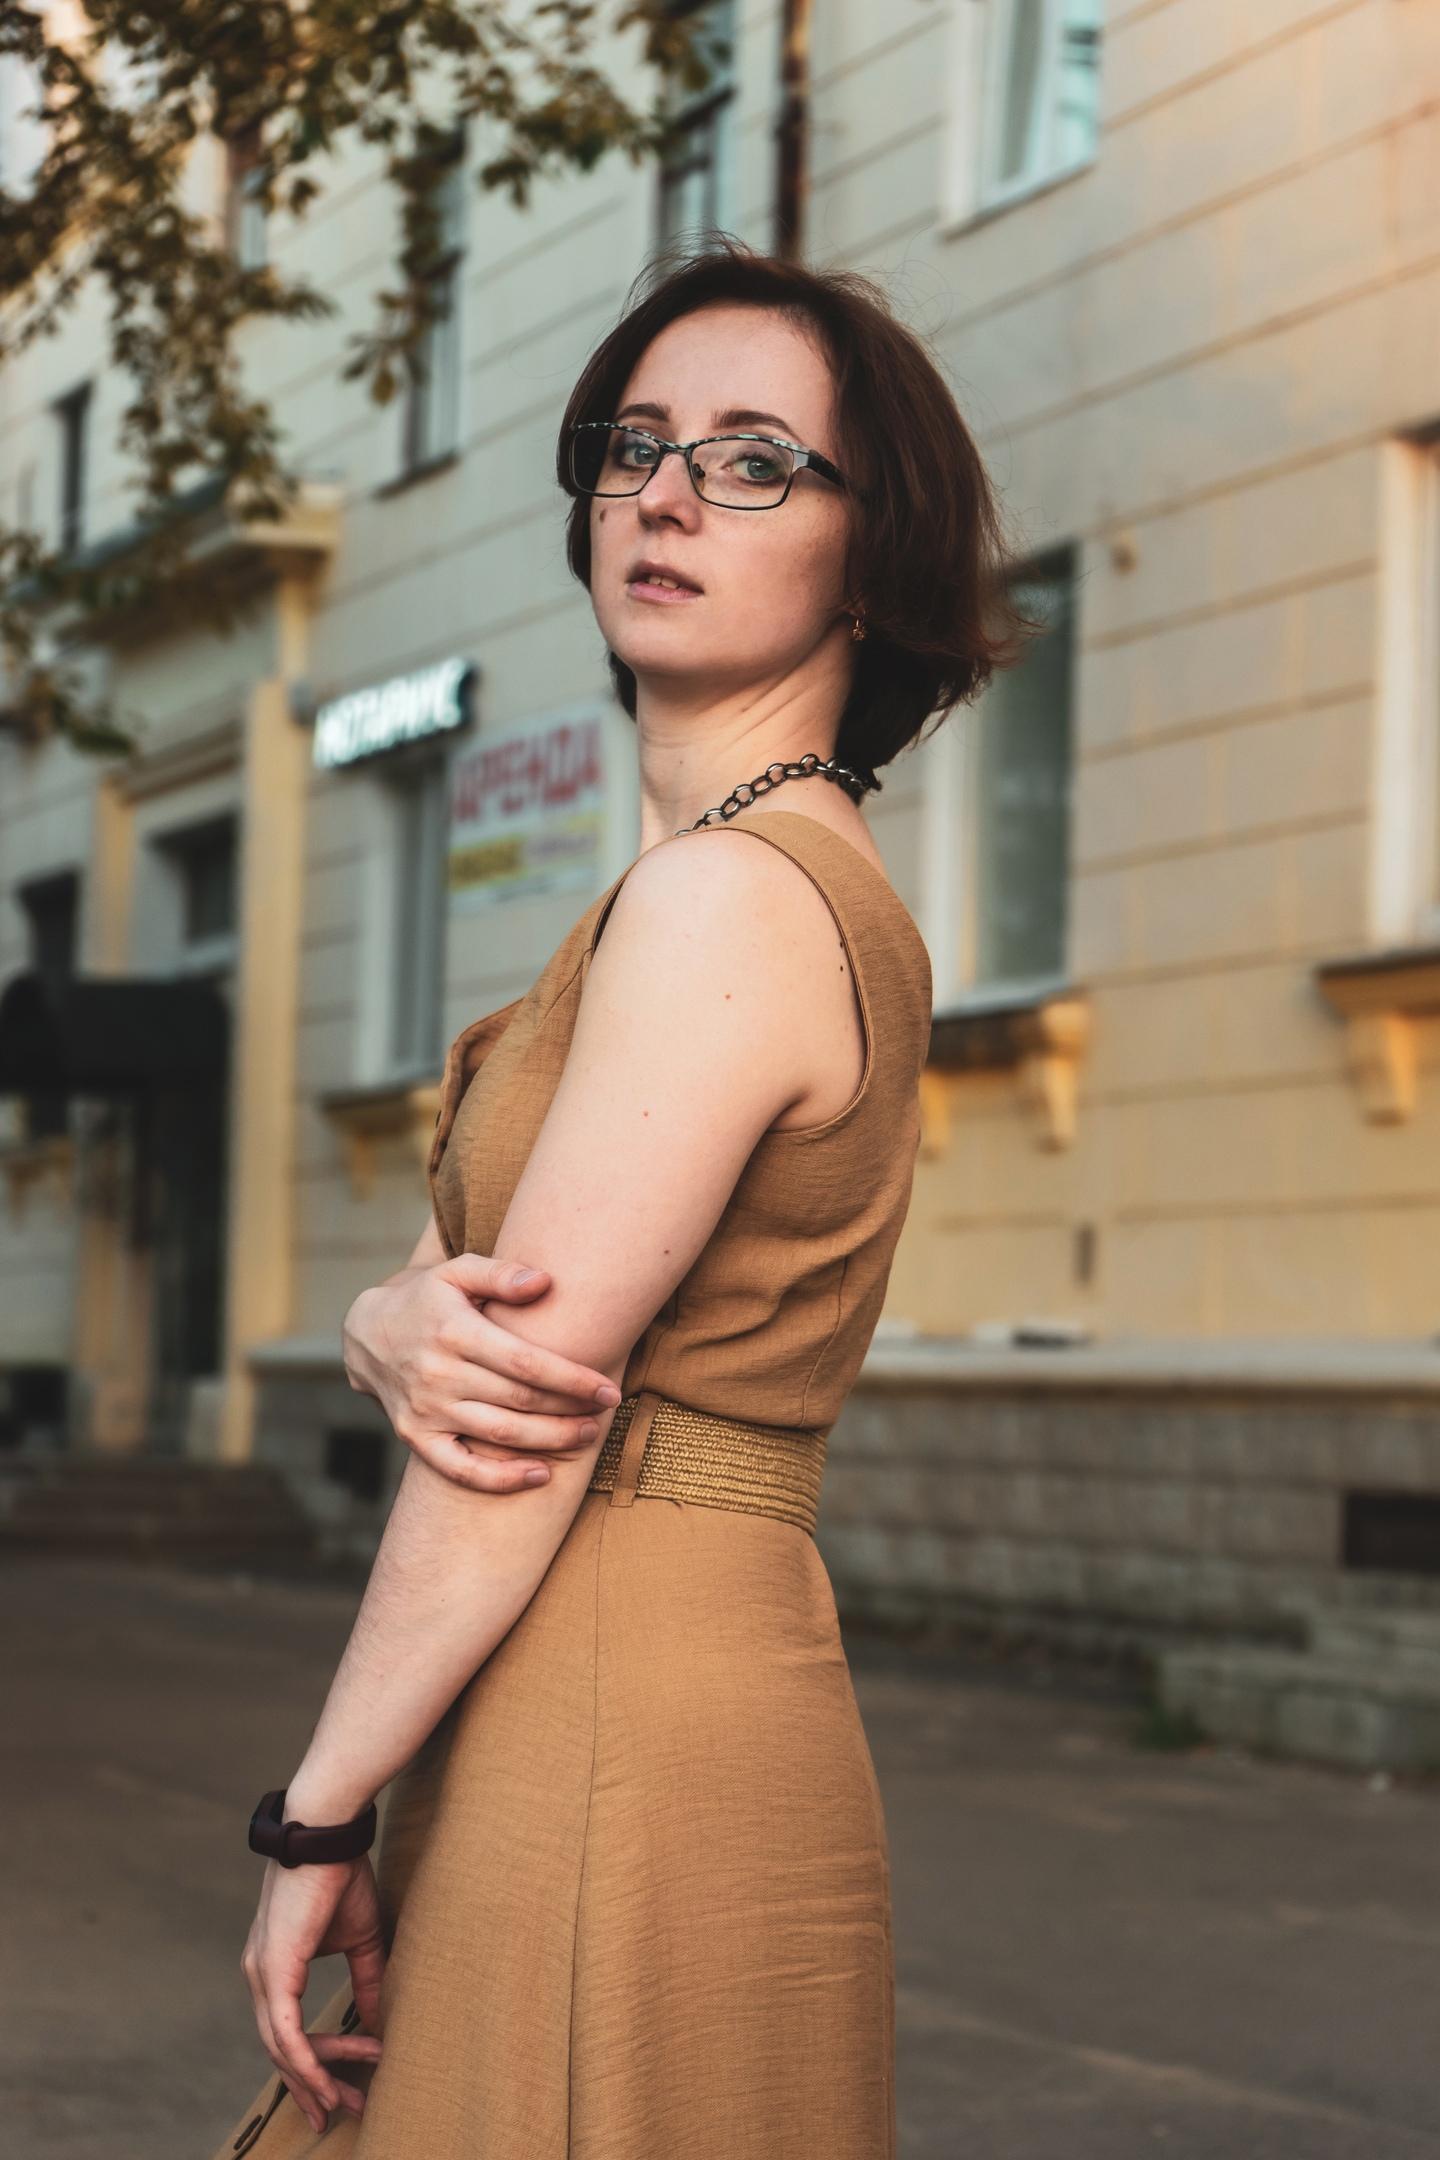 Анастасия Чех, невролог городской поликлиники № 1.